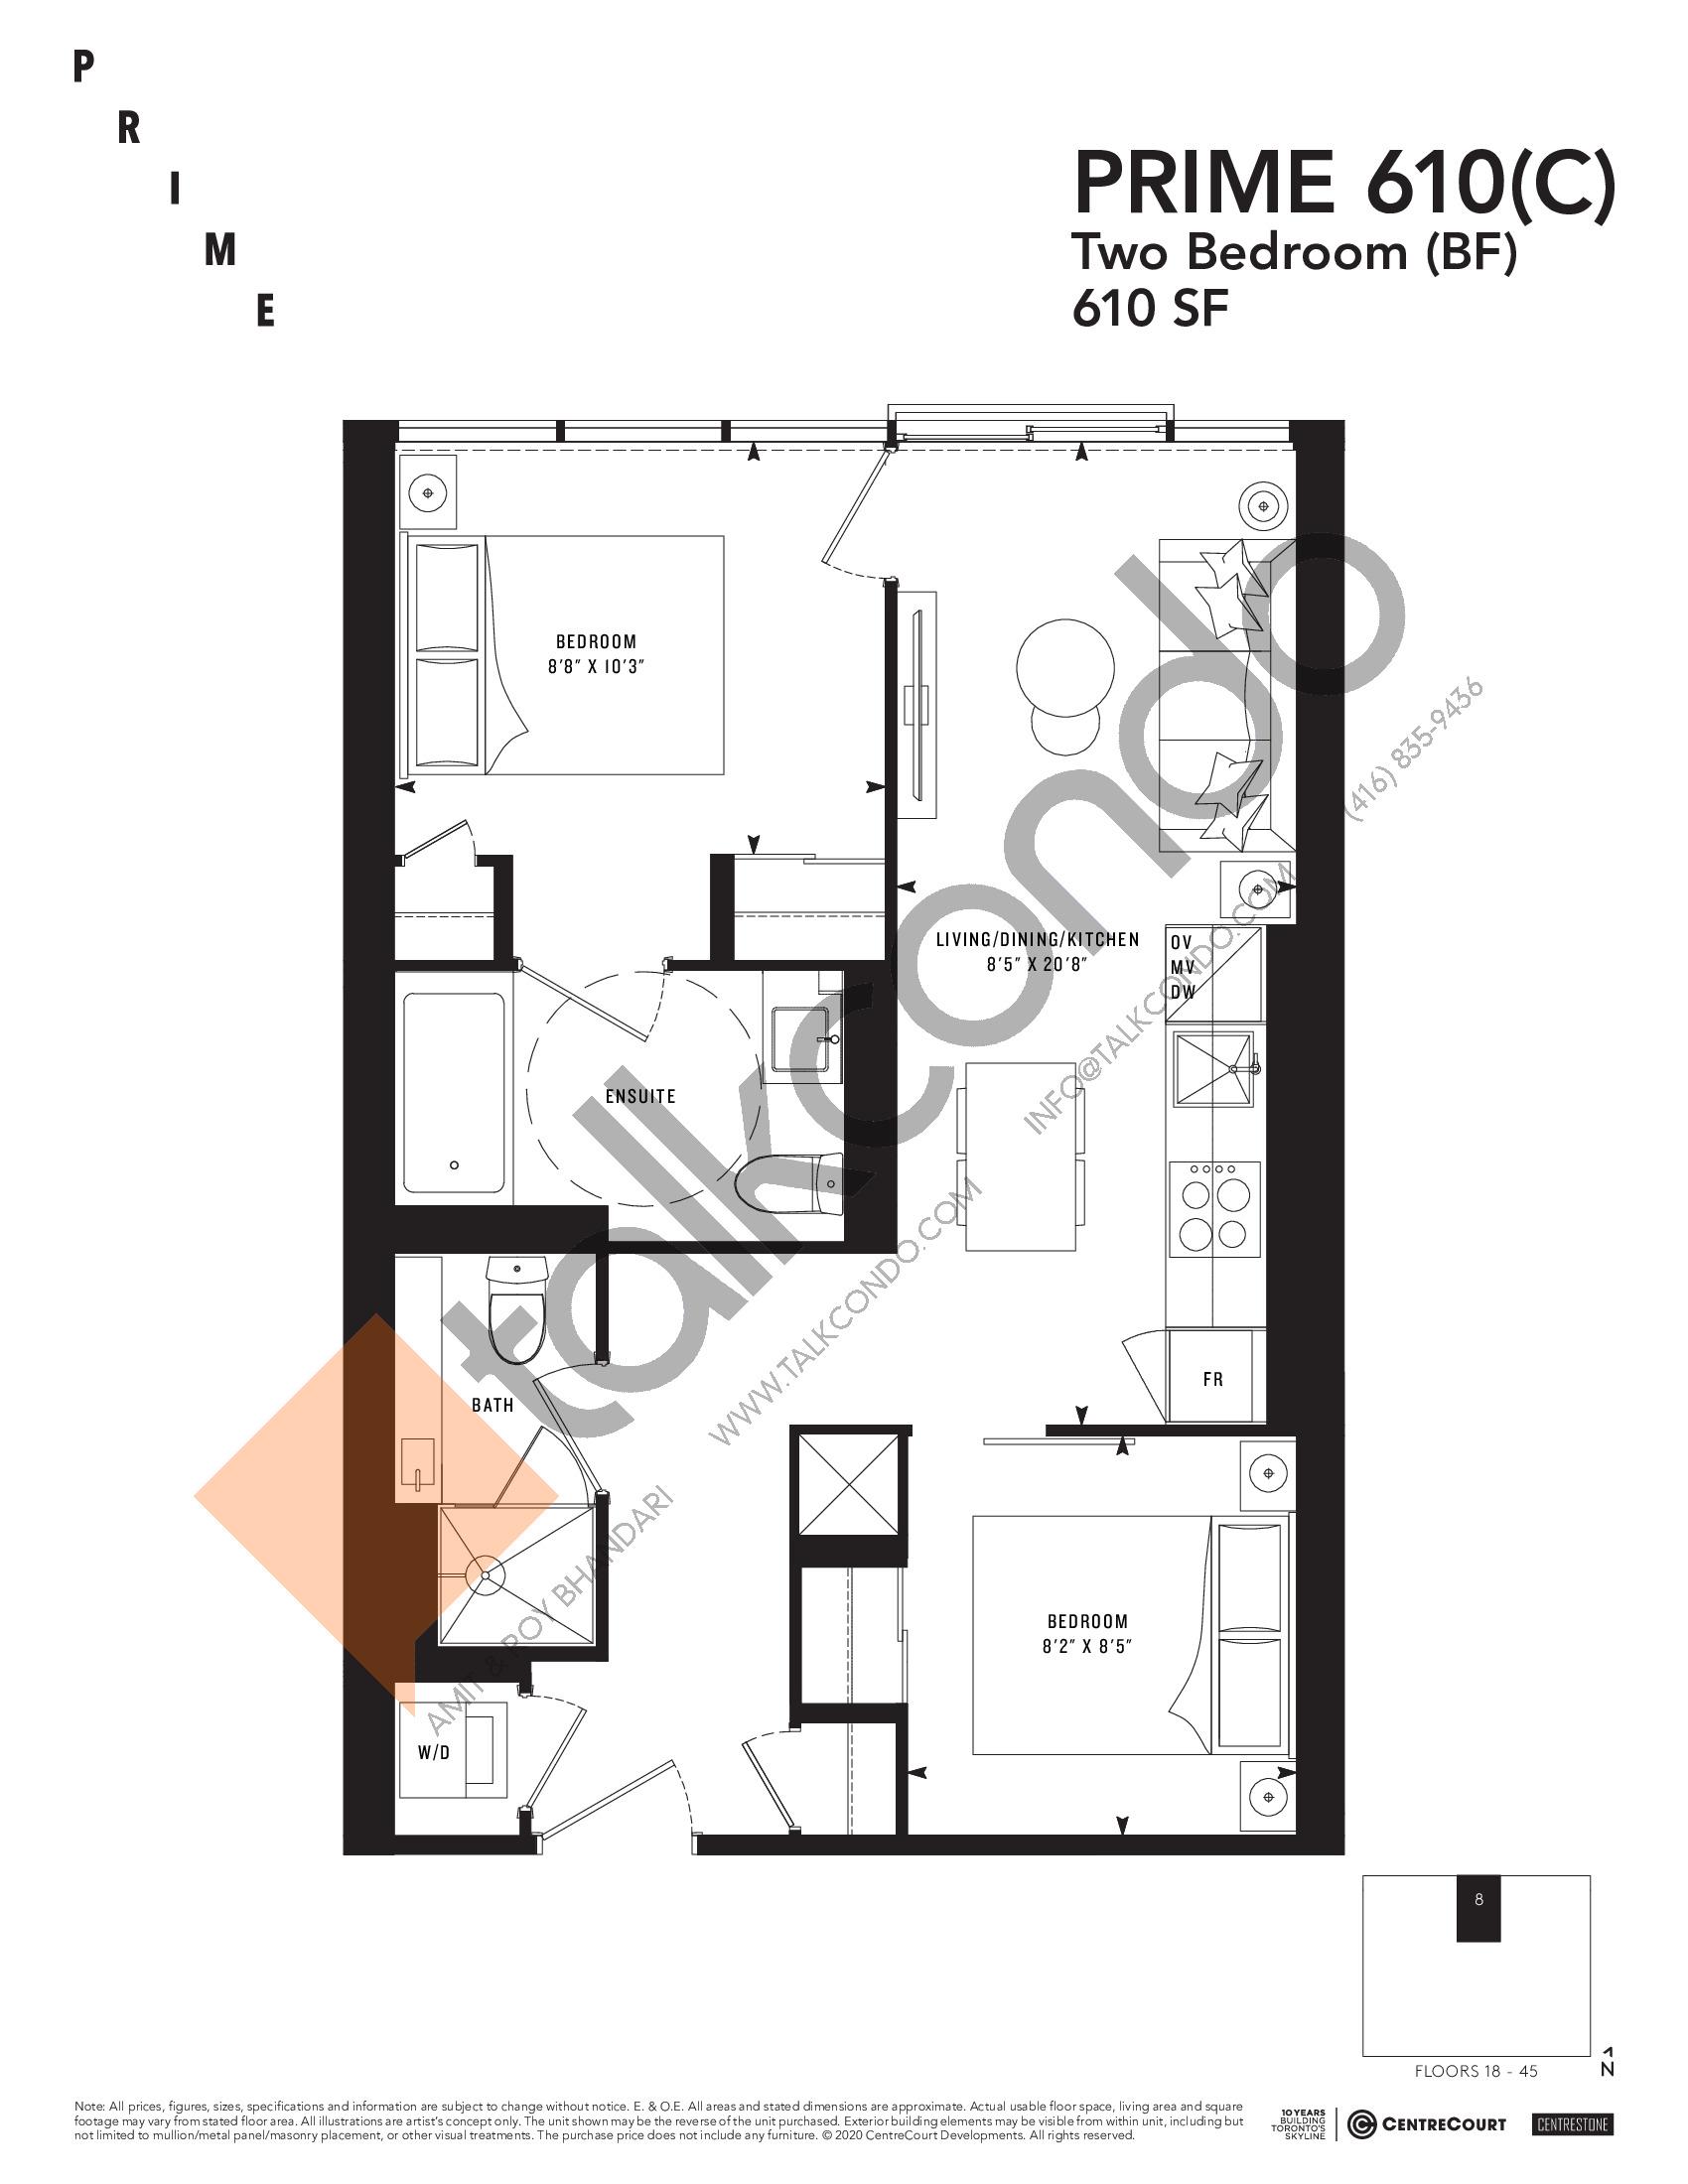 PRIME 610(C) Floor Plan at Prime Condos - 610 sq.ft